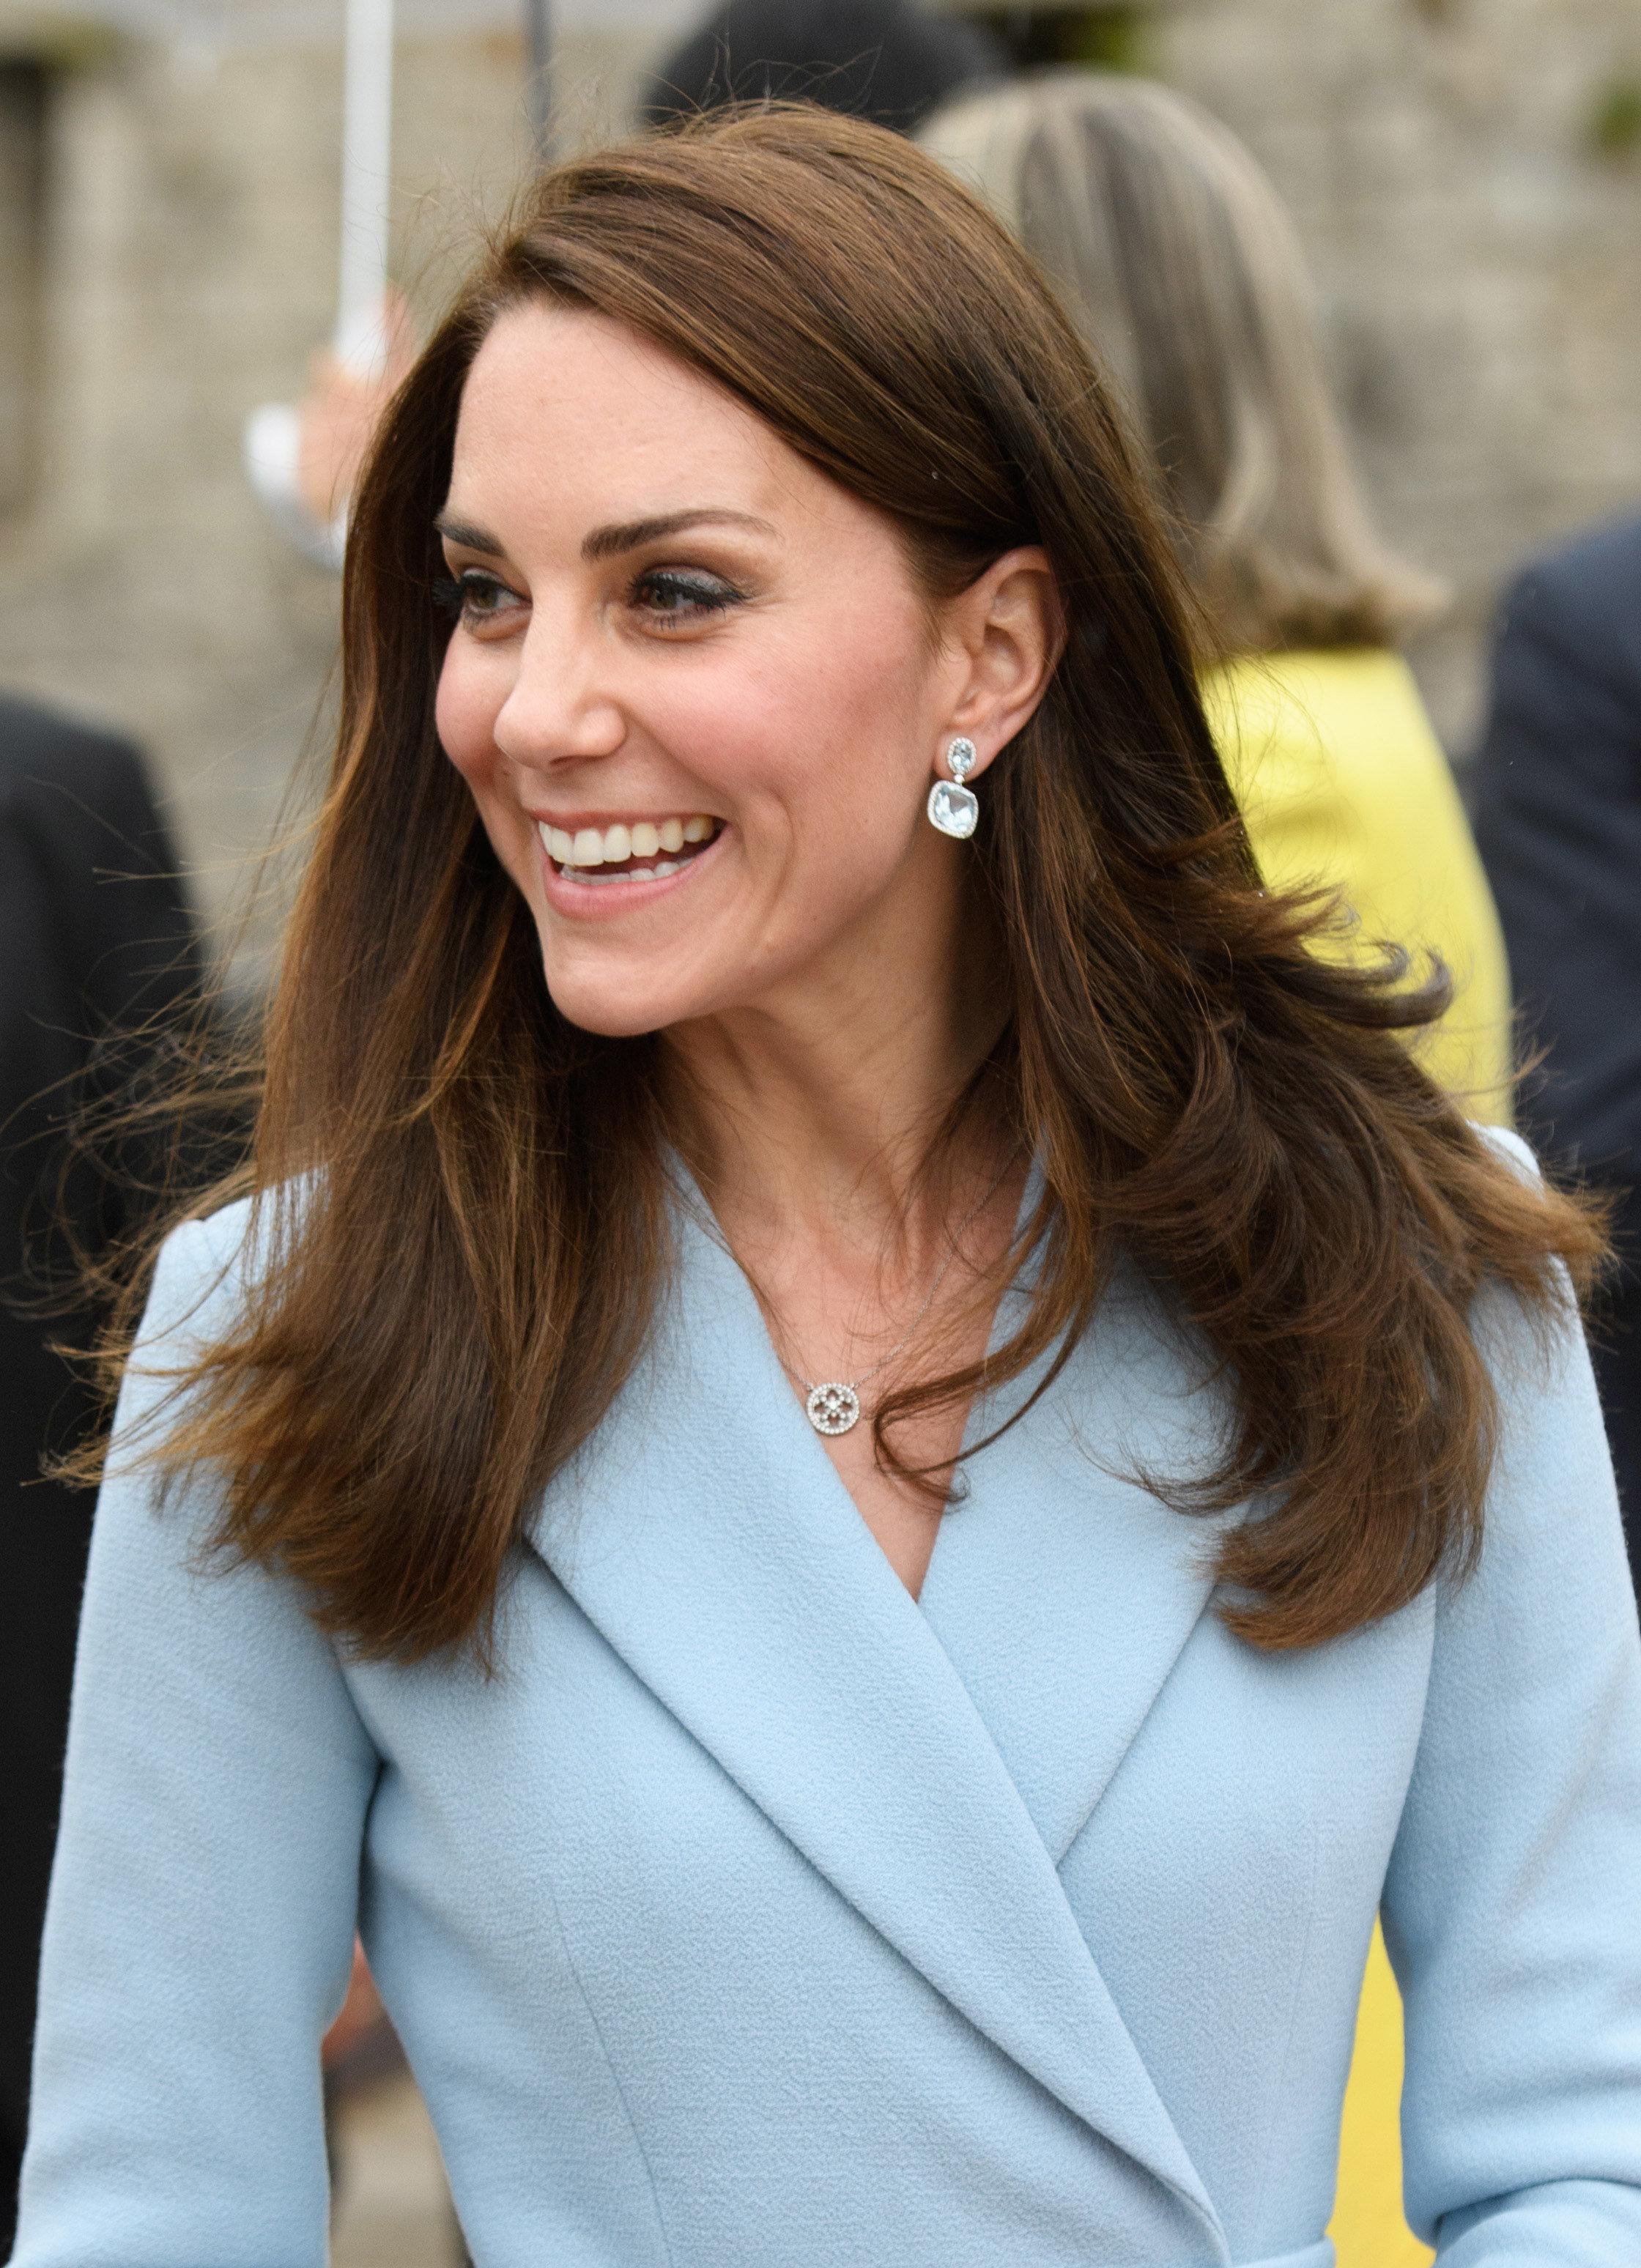 Diesen Titel bekommt Herzogin Kate, wenn die Queen stirbt